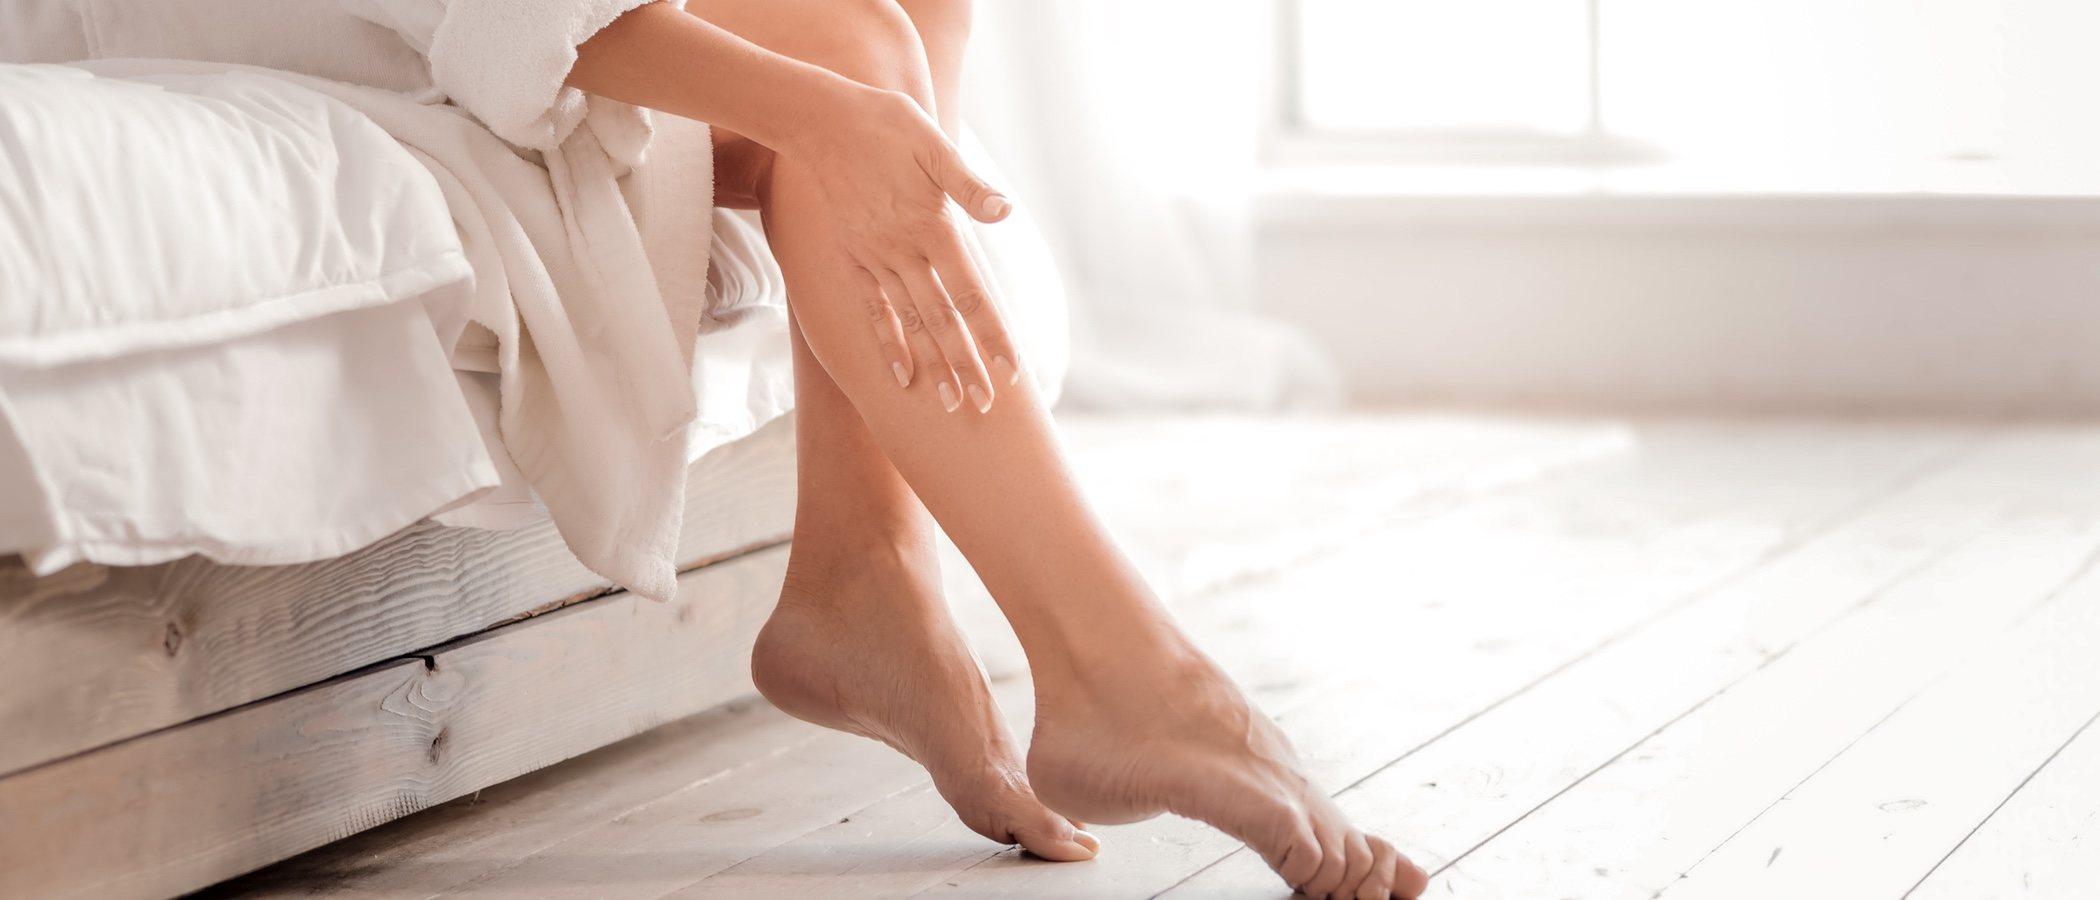 Maquillaje de piernas para ocultar imperfecciones